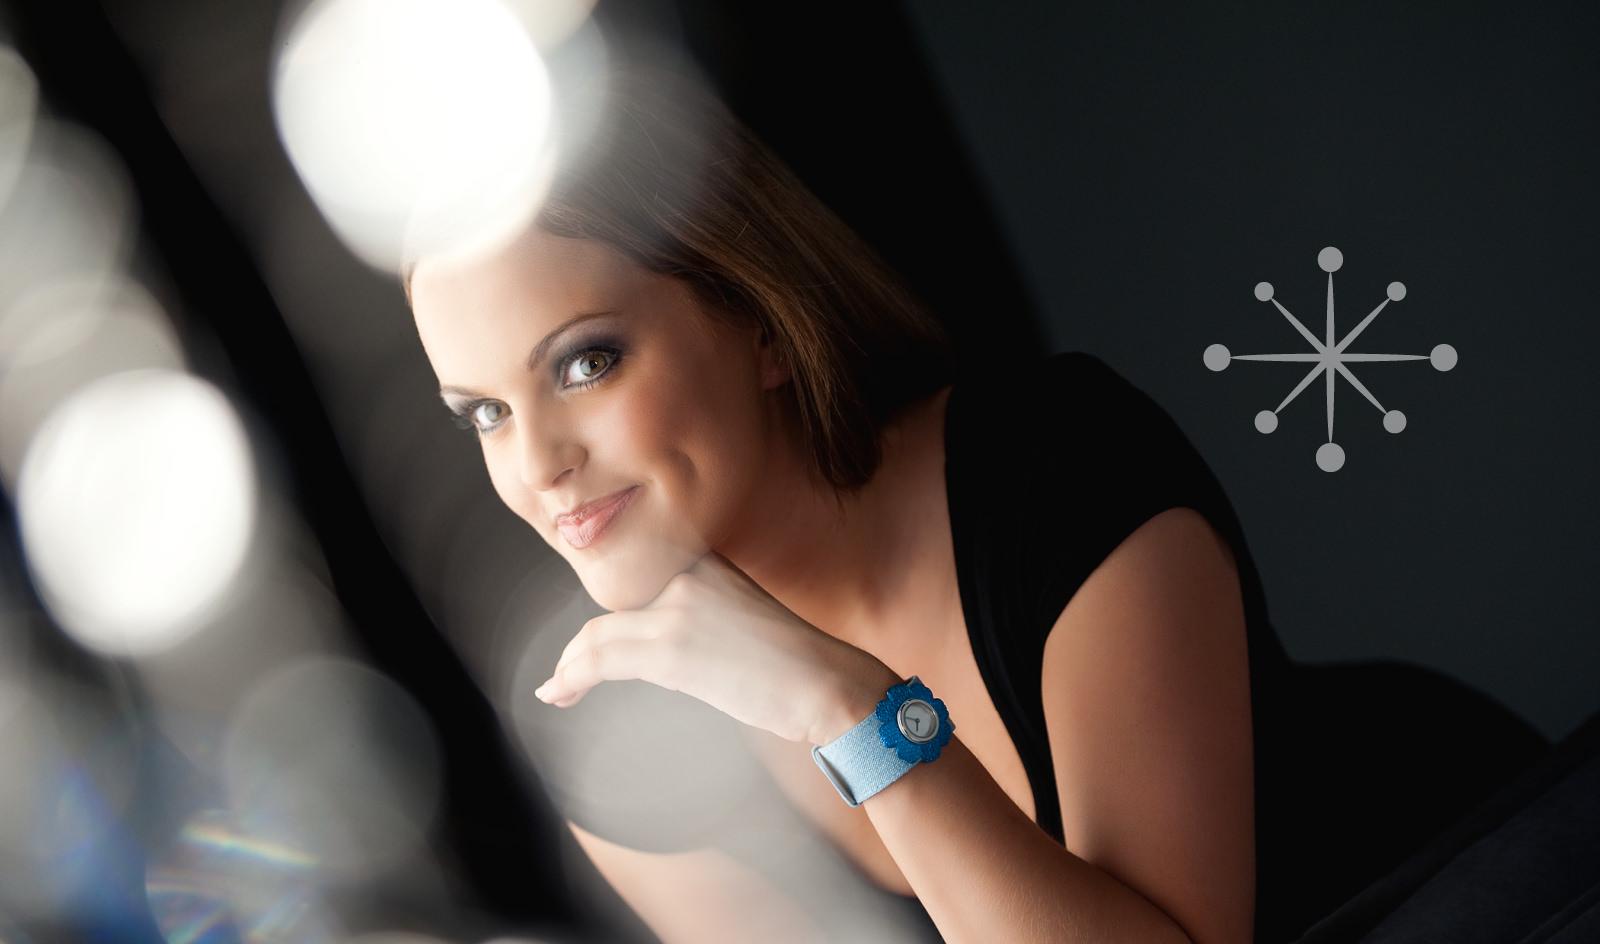 Gestaltung und Werbung: Brand Design-Entwicklung für die Uhrenmarke Deja vu.